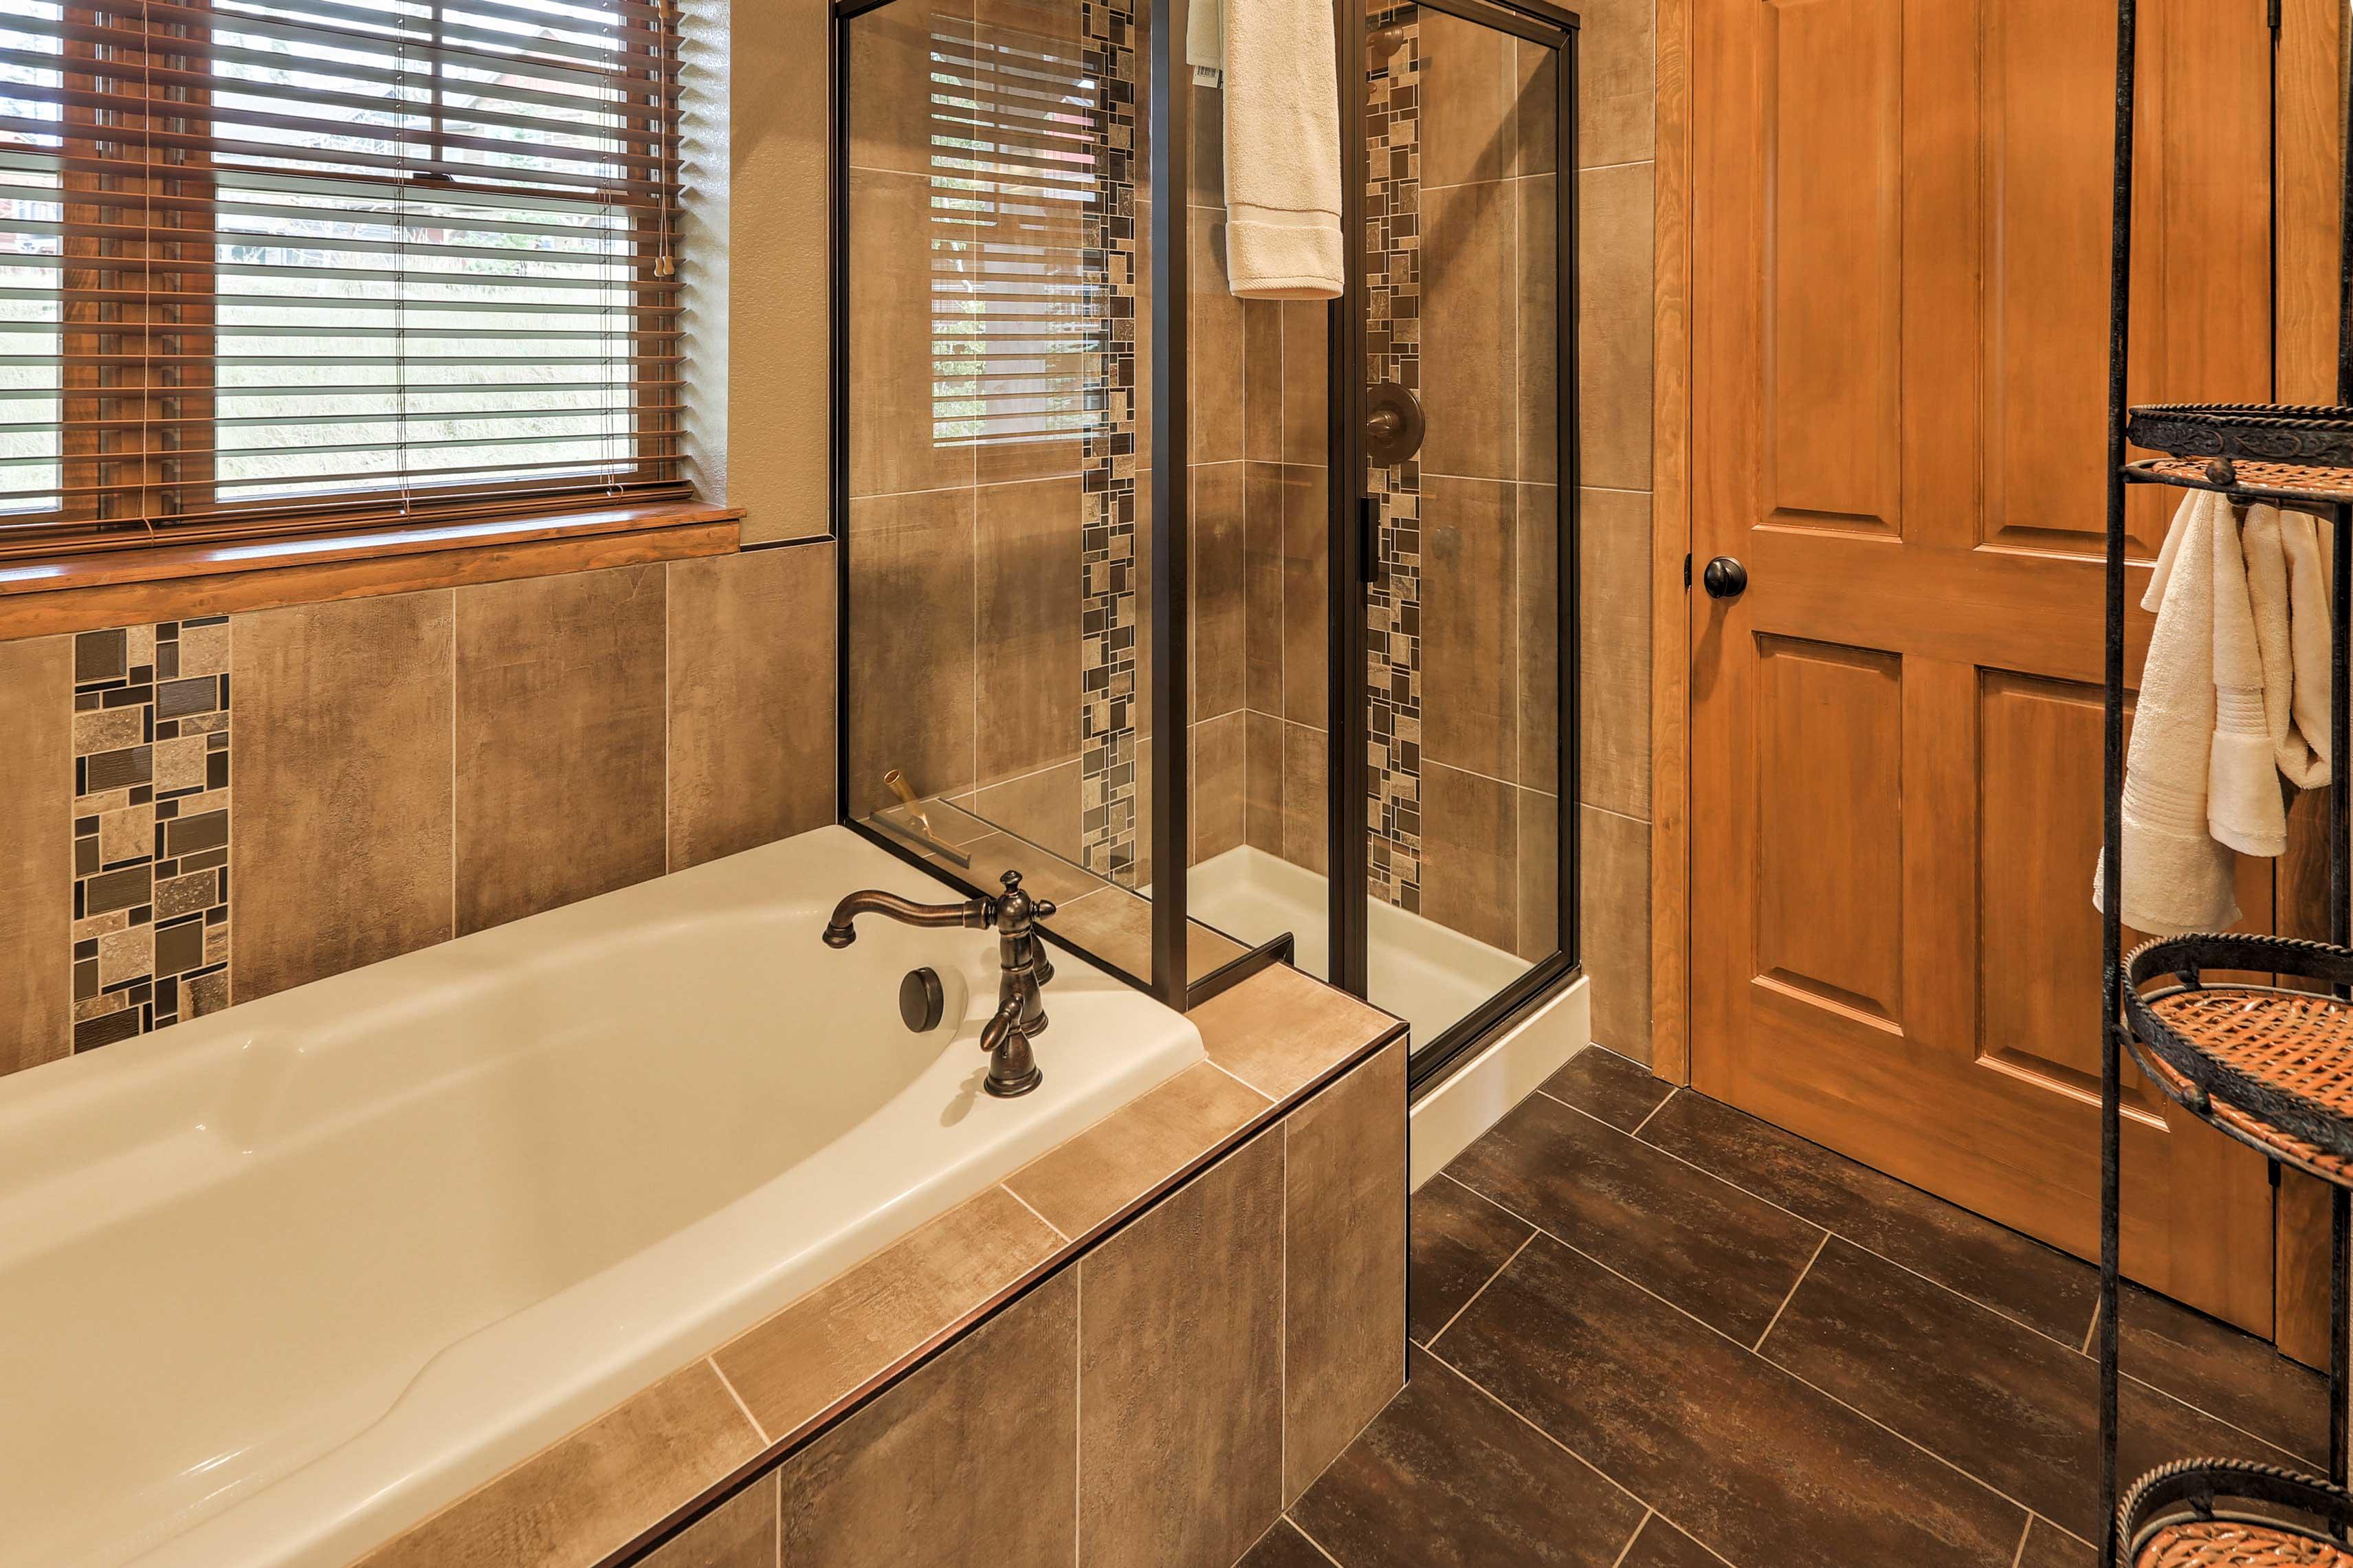 Soak in the master bathroom's bath tub.